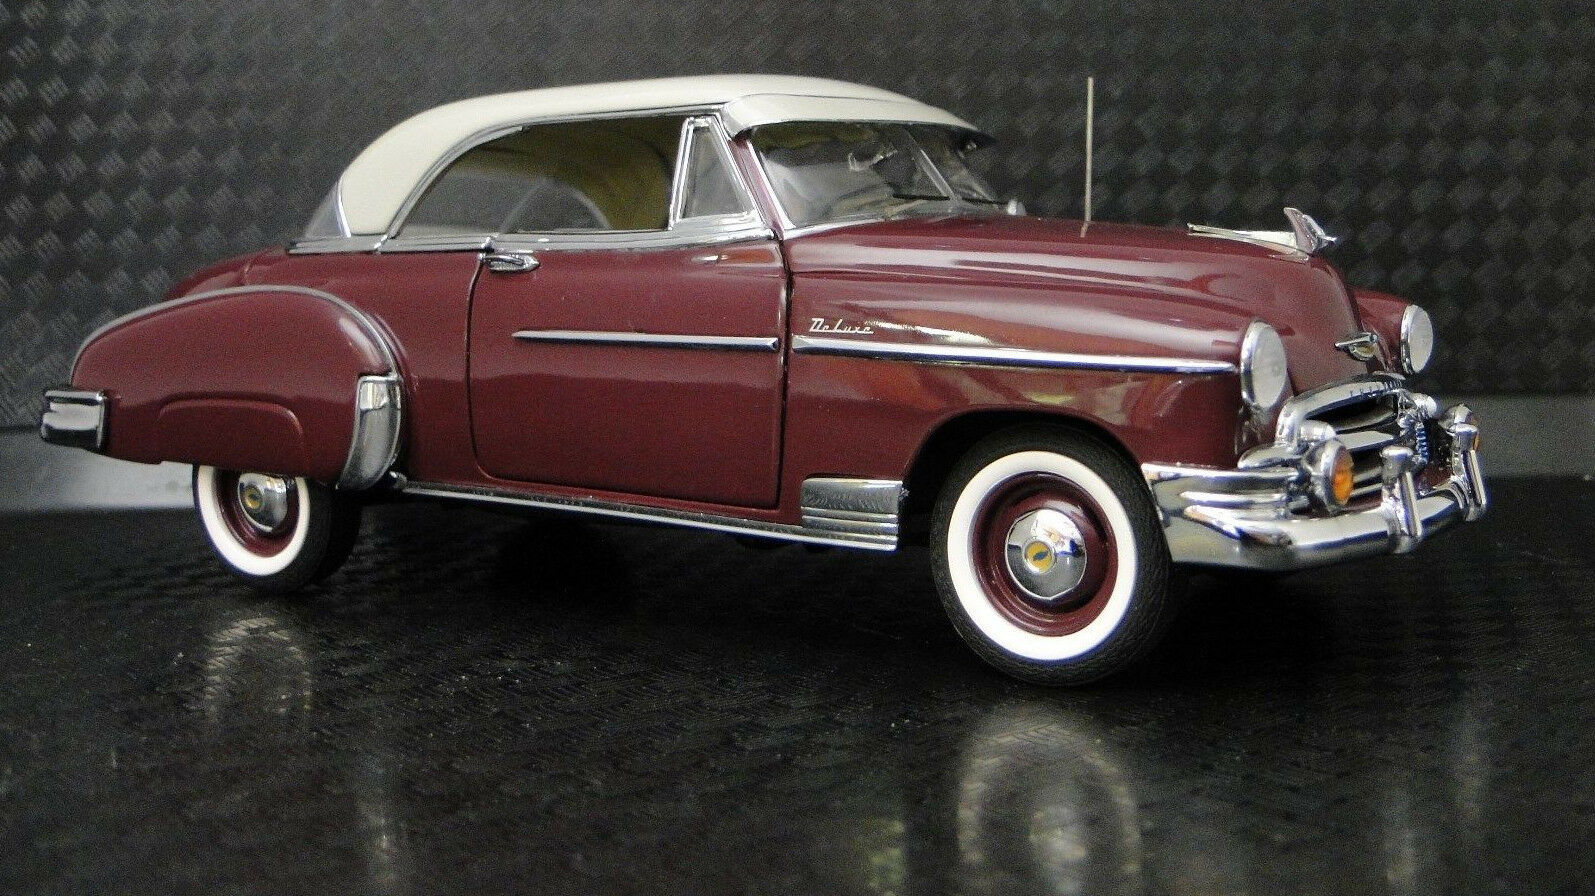 1950s Chevy Bel Air Car 1 Belair 64 Chevrolet 43 Vintage 24 Metal 18 Model 12